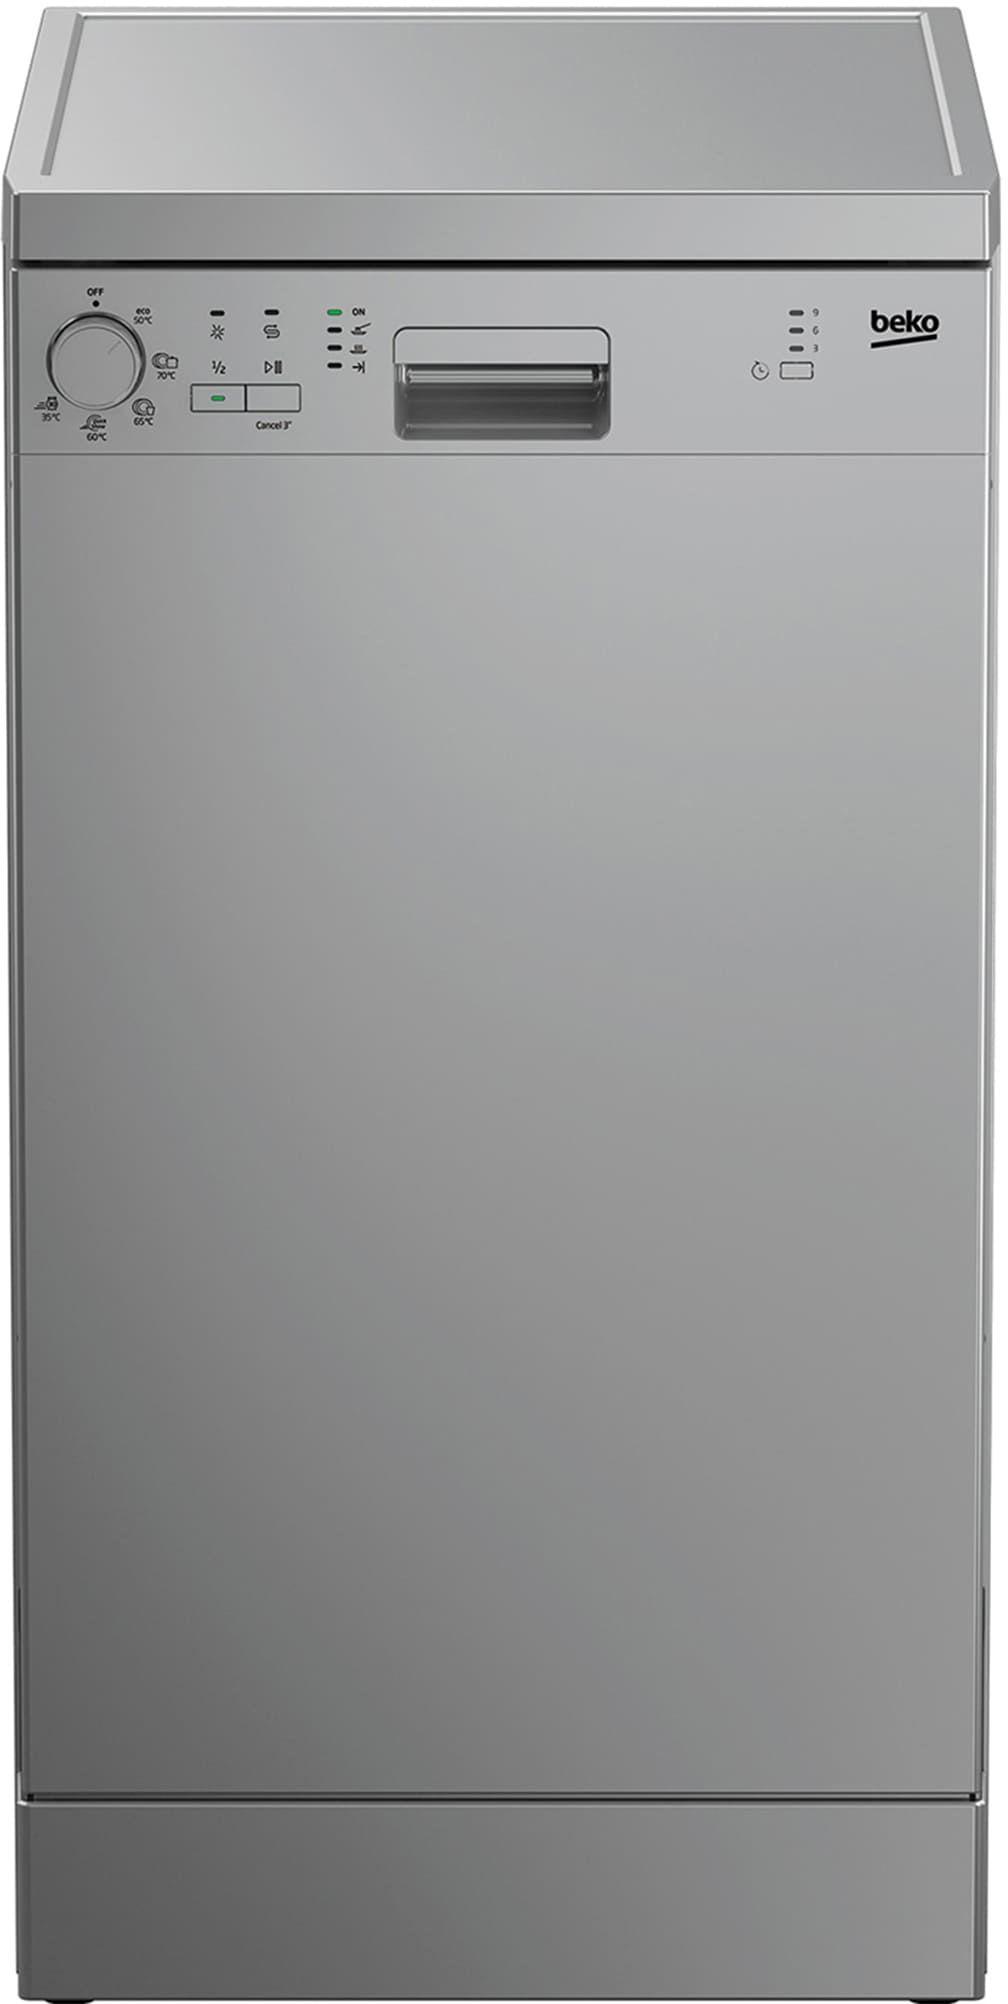 Узкая посудомоечная машина BEKO DFS05012S